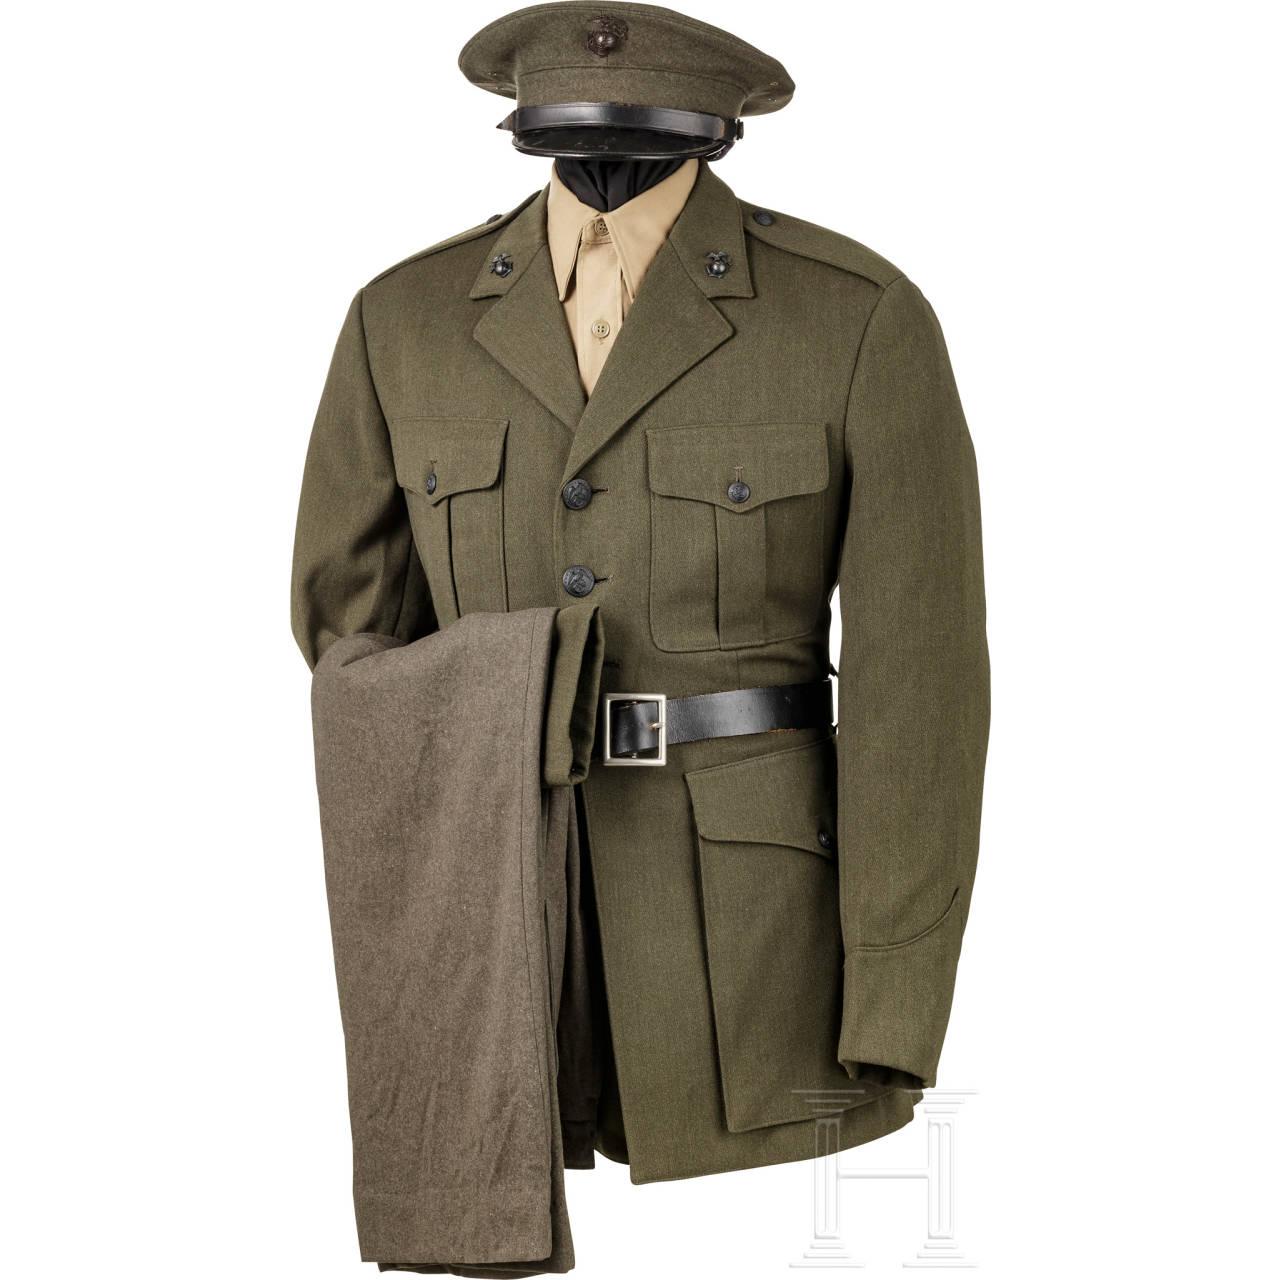 Dienstuniform für Angehörige des US Marine Corps, 2. Weltkrieg